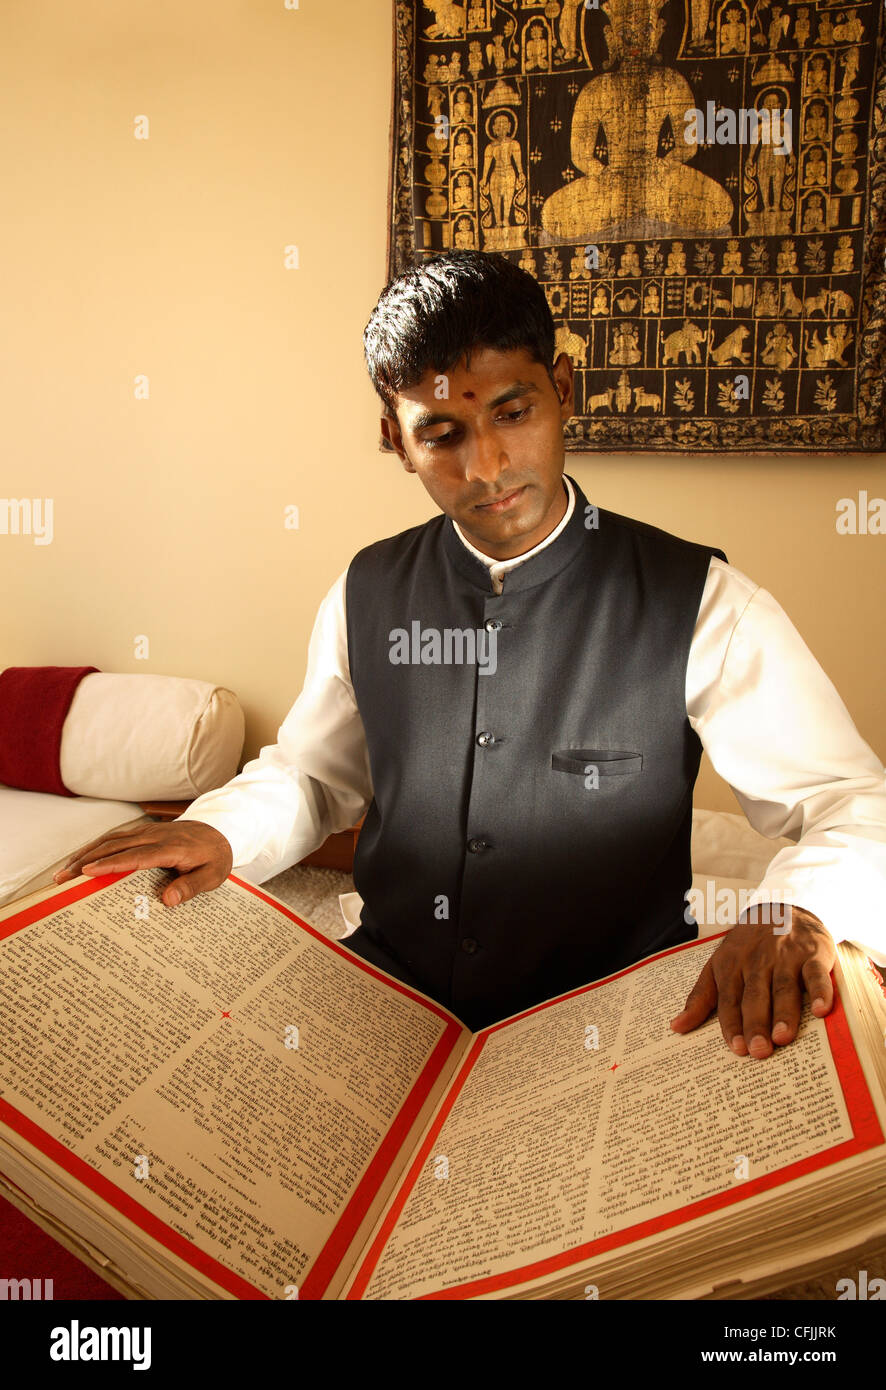 L'uomo la lettura di testi vedica, Tehri-Garhwal, Uttaranchal, India, Asia Immagini Stock